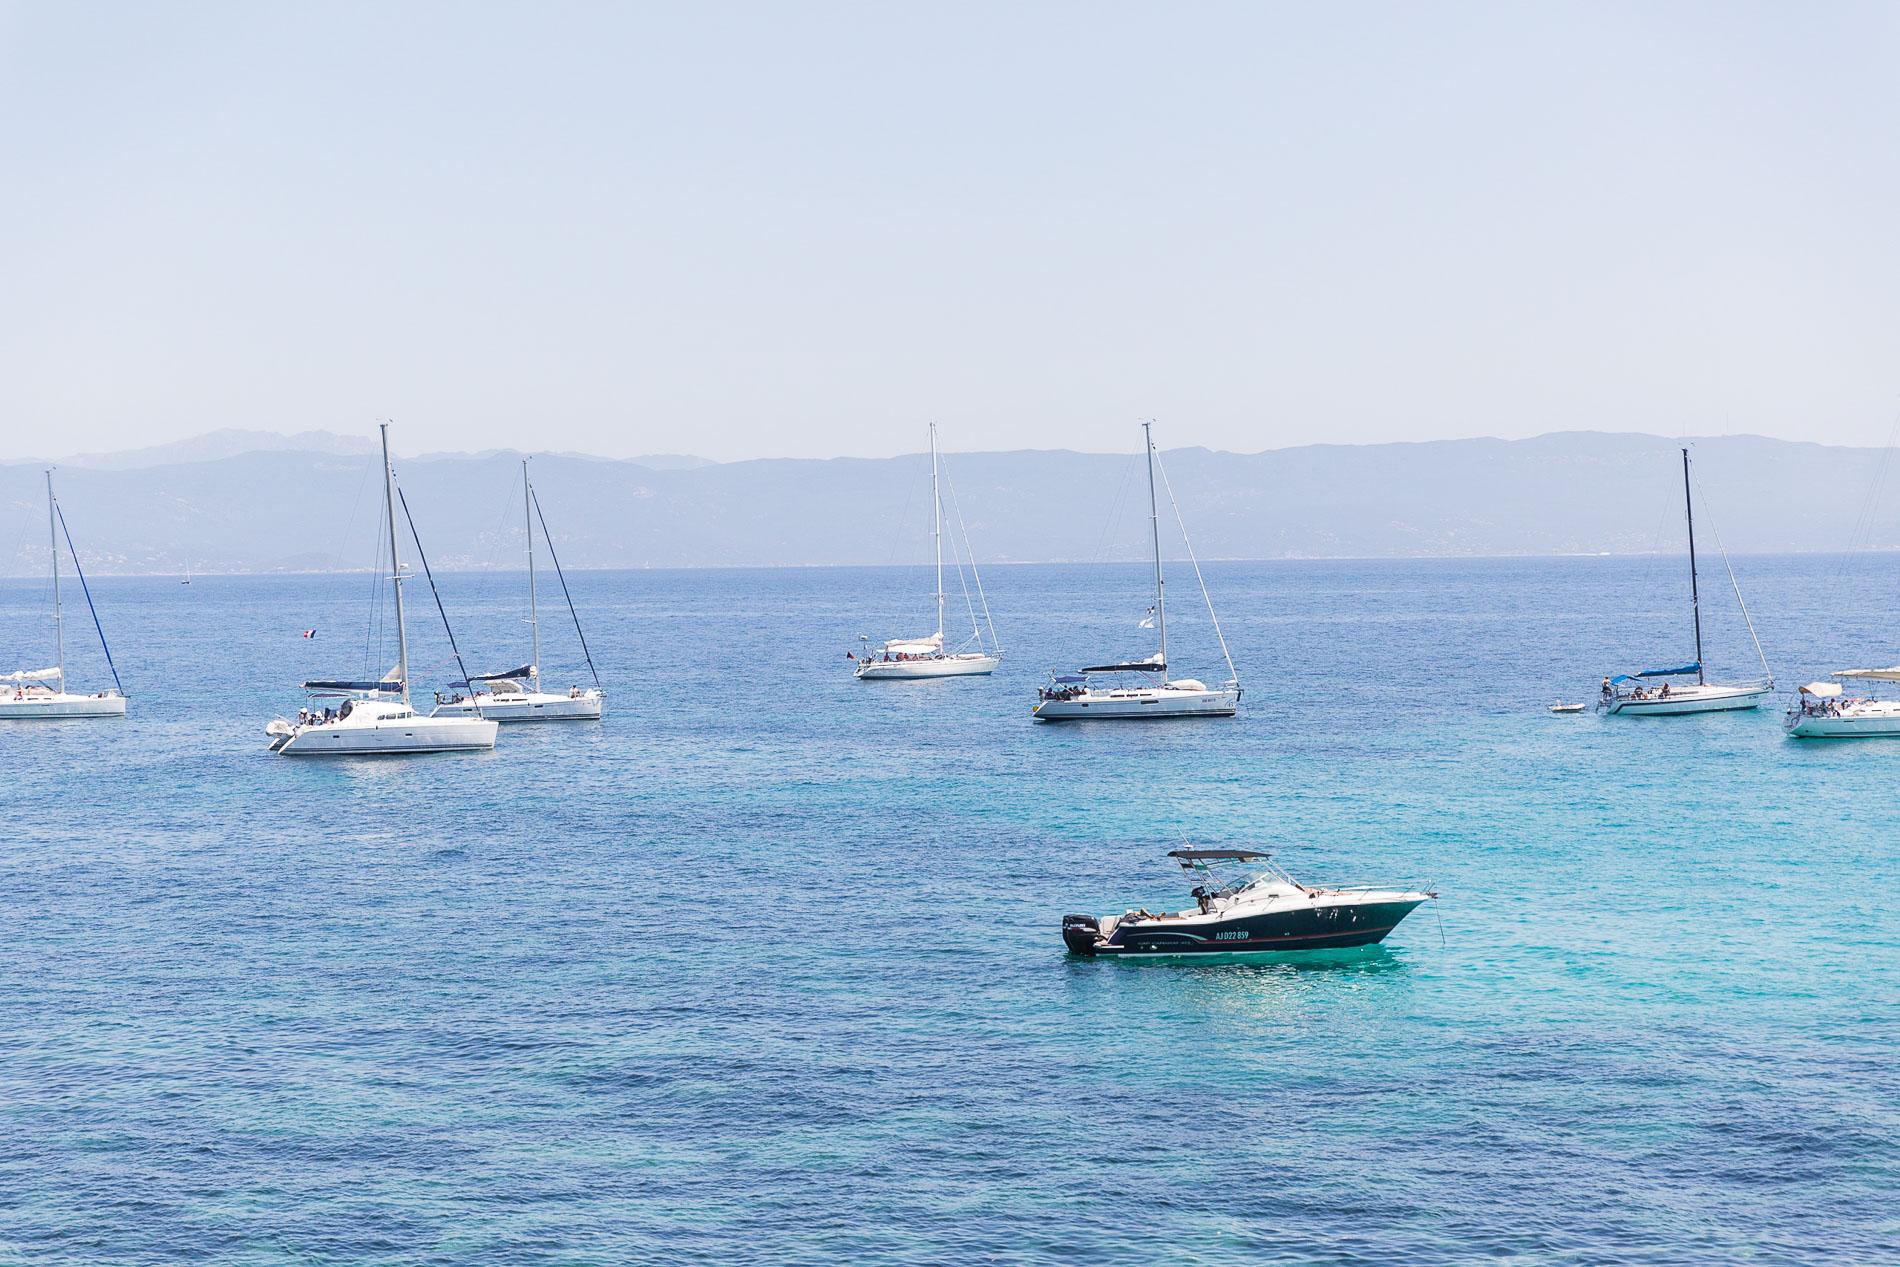 Bootsfahren ist ein Muss in Korsika!